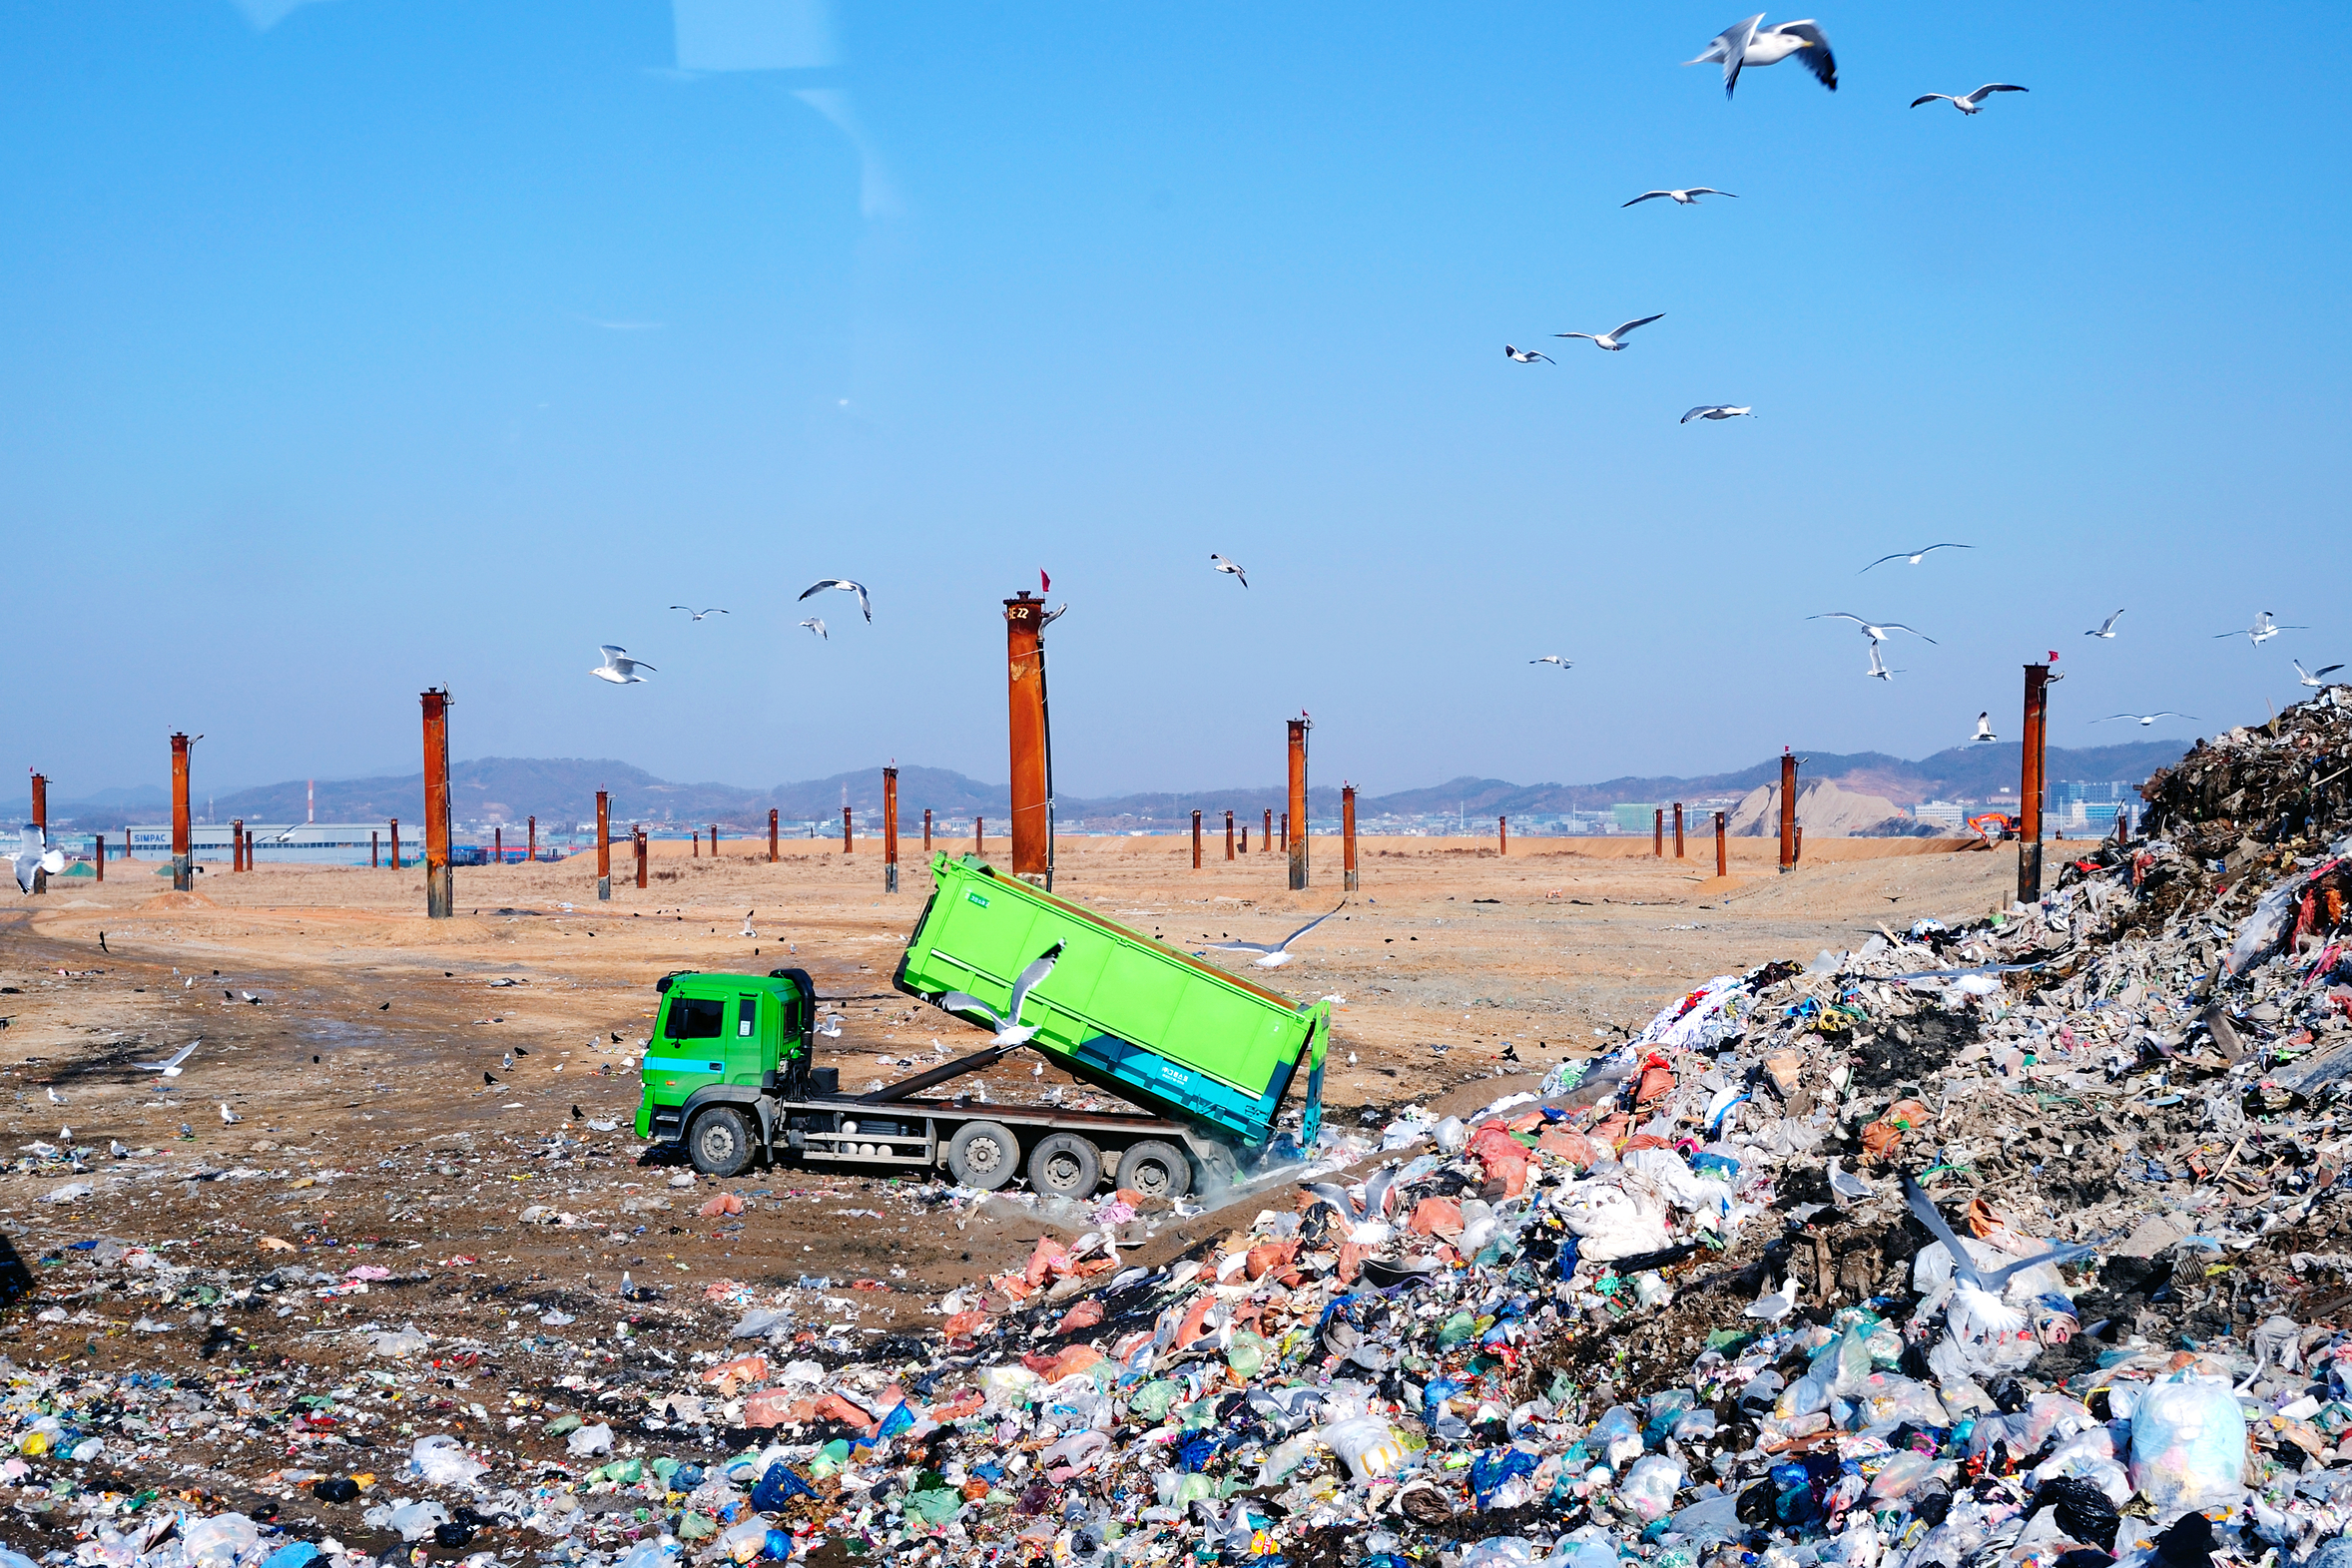 wasteyard